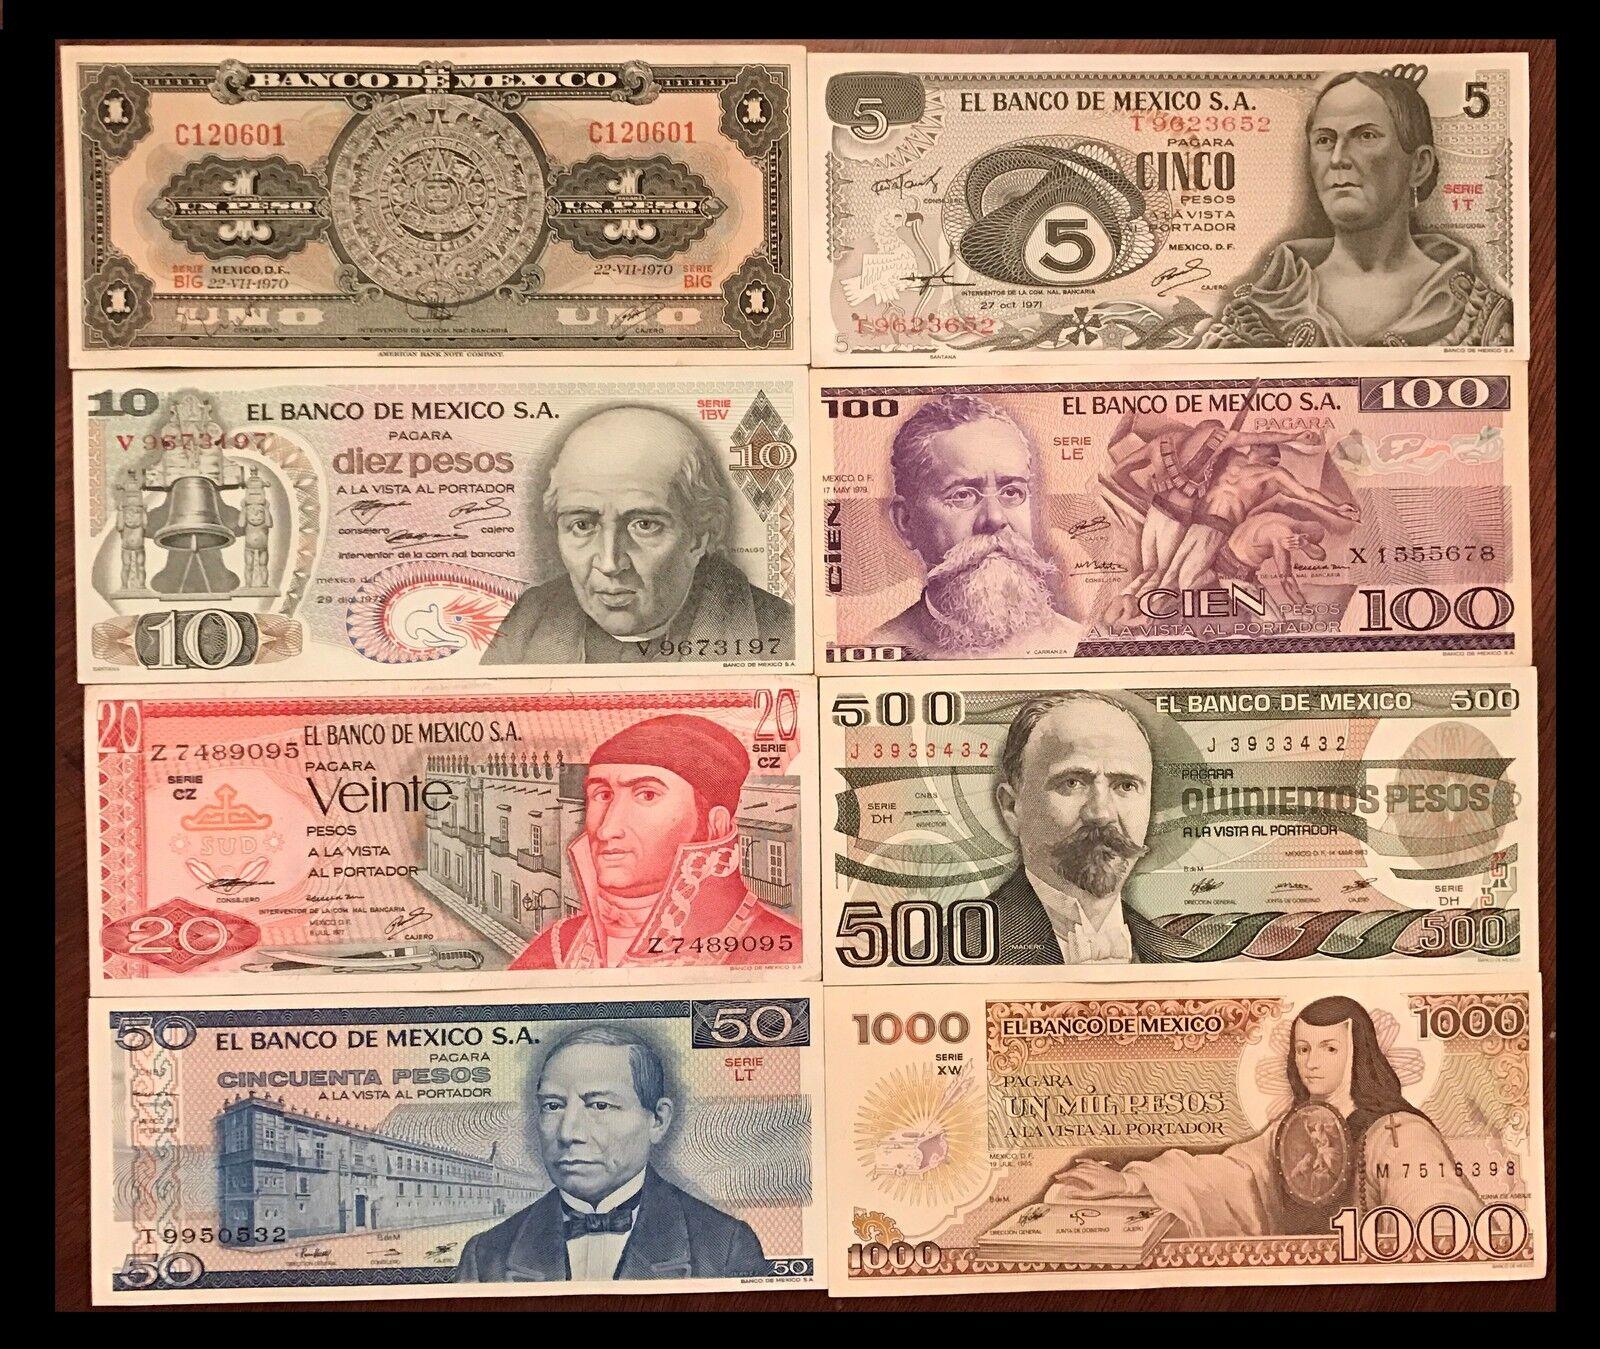 UNCIRCULATED MEXICO SET 8 BANKNOTES LOT 1 5 10 20 50 100 500 1000 pesos UNC